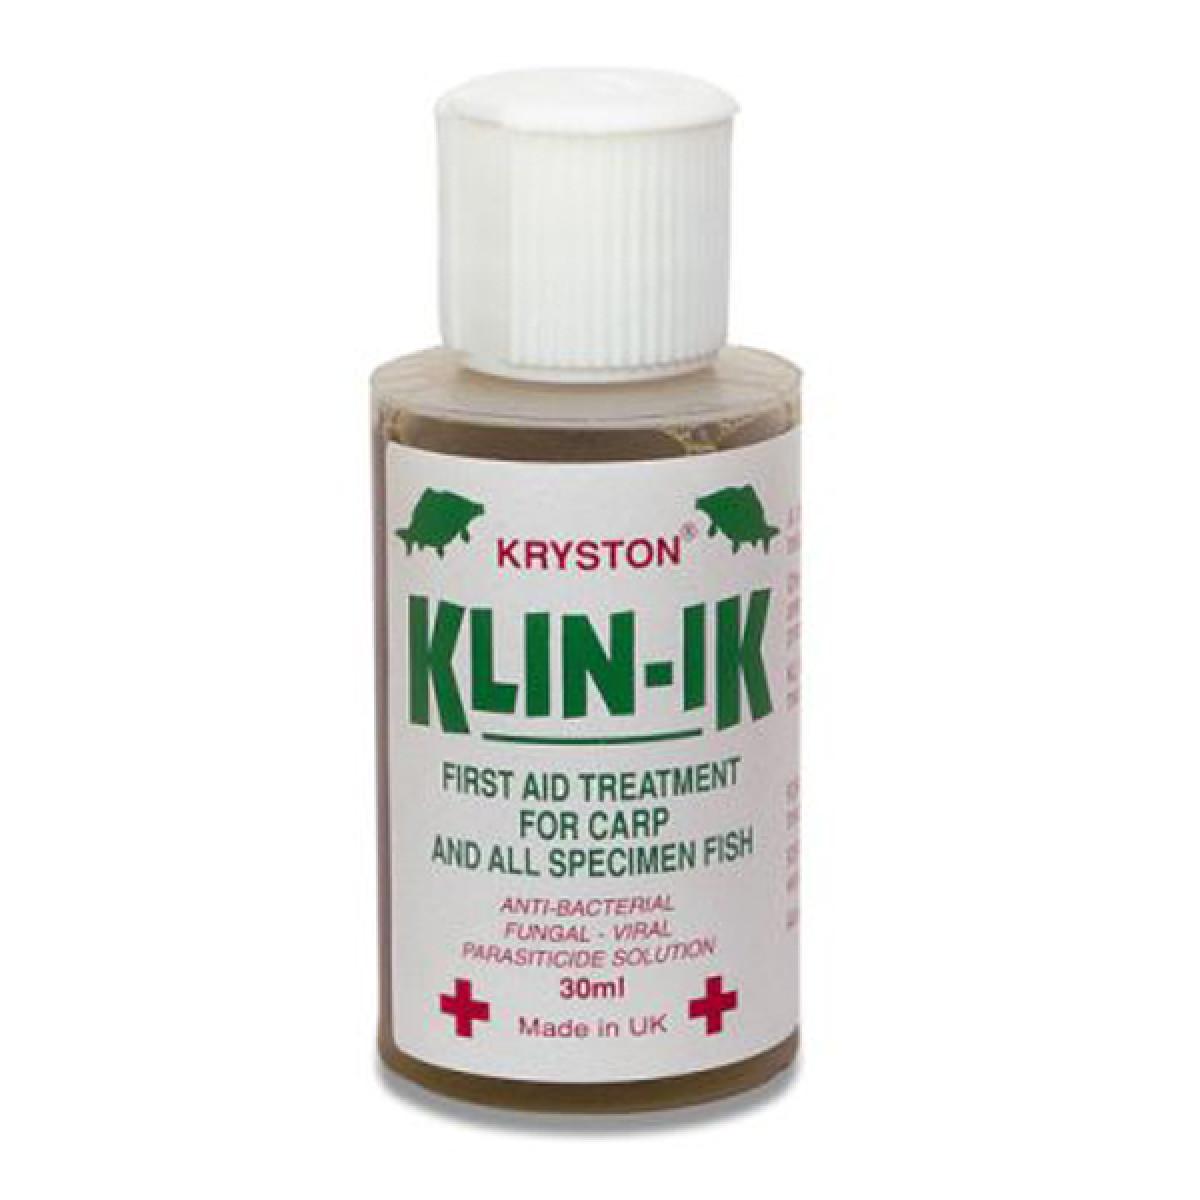 KLIN-IK